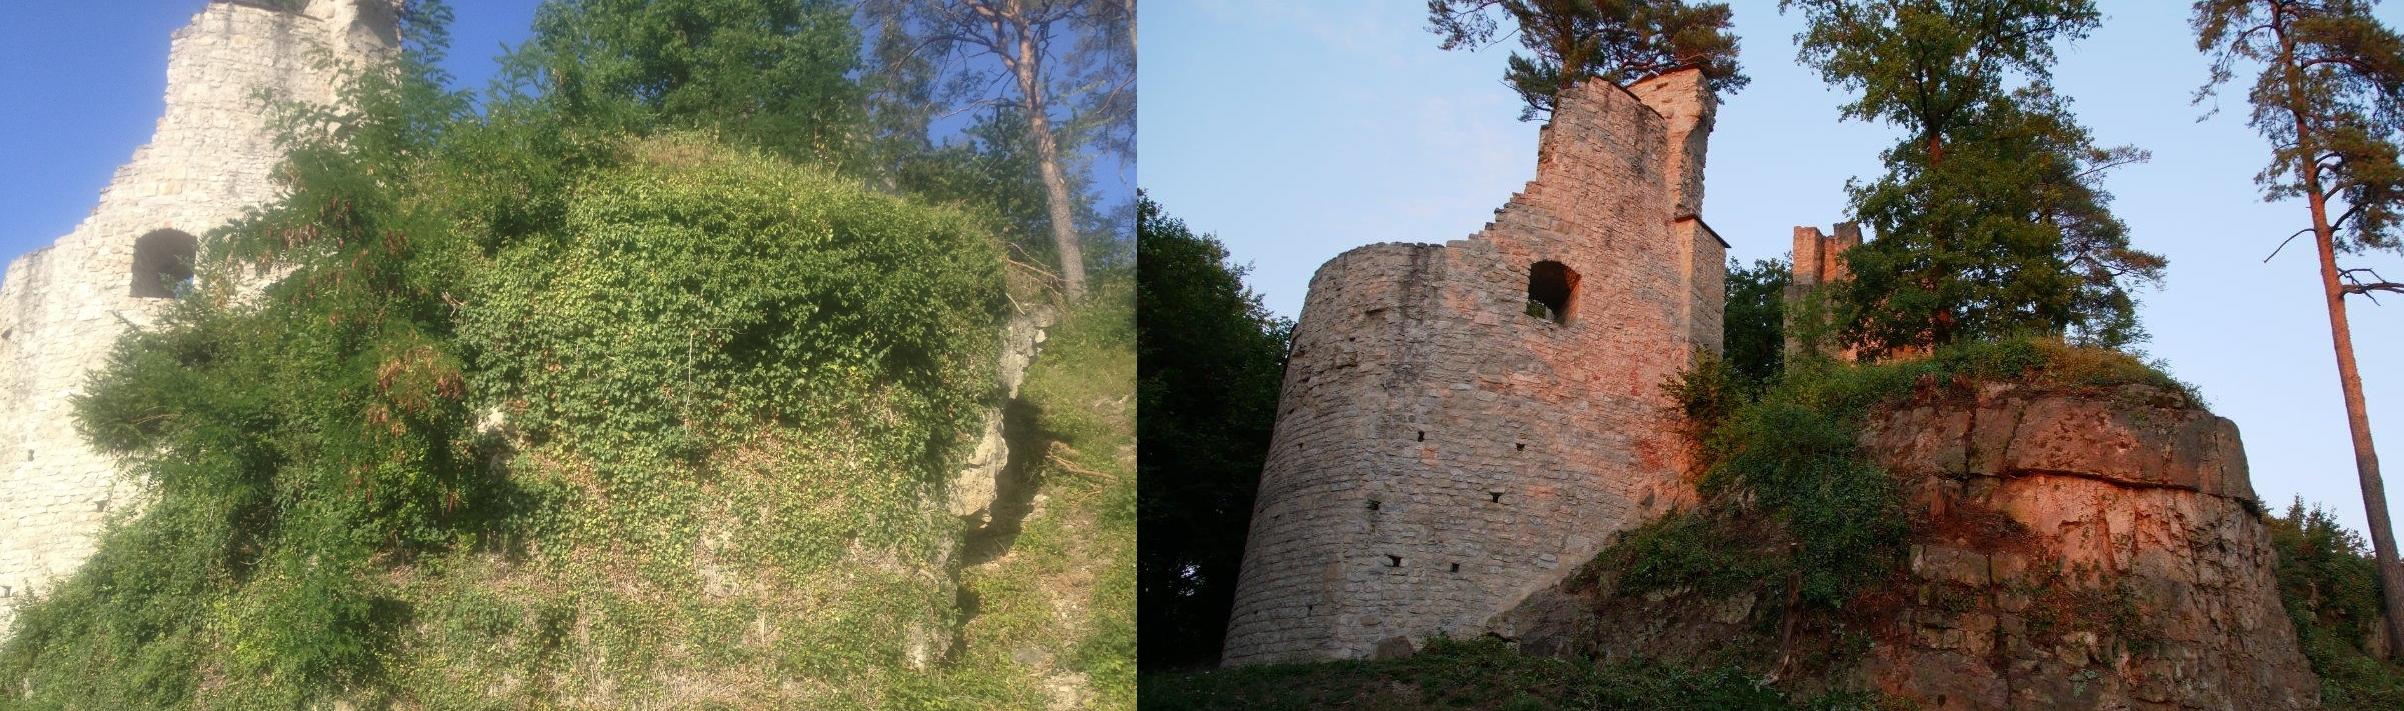 Fels vor (links) und nach (rechts) den Mäharbeiten